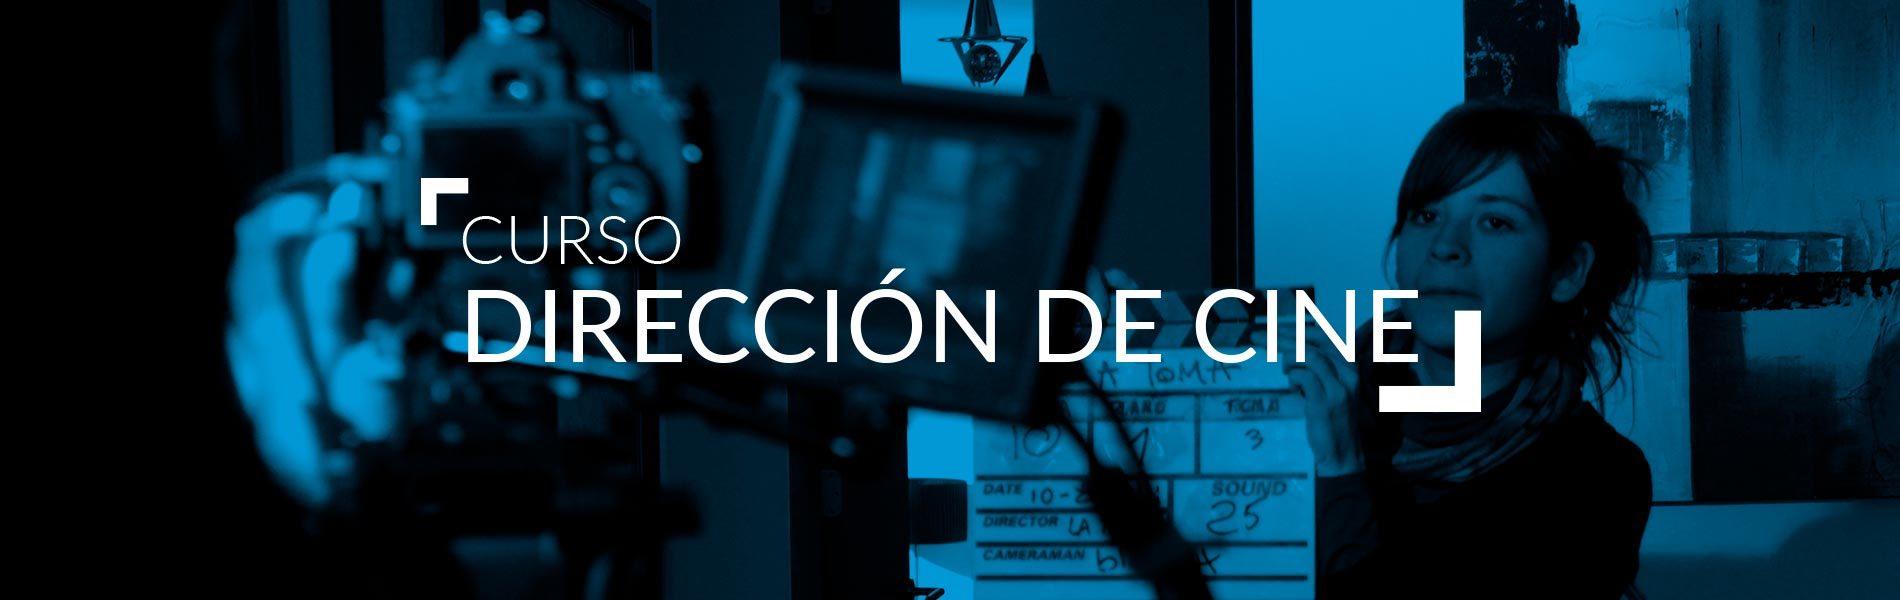 Curso de Dirección de Cine